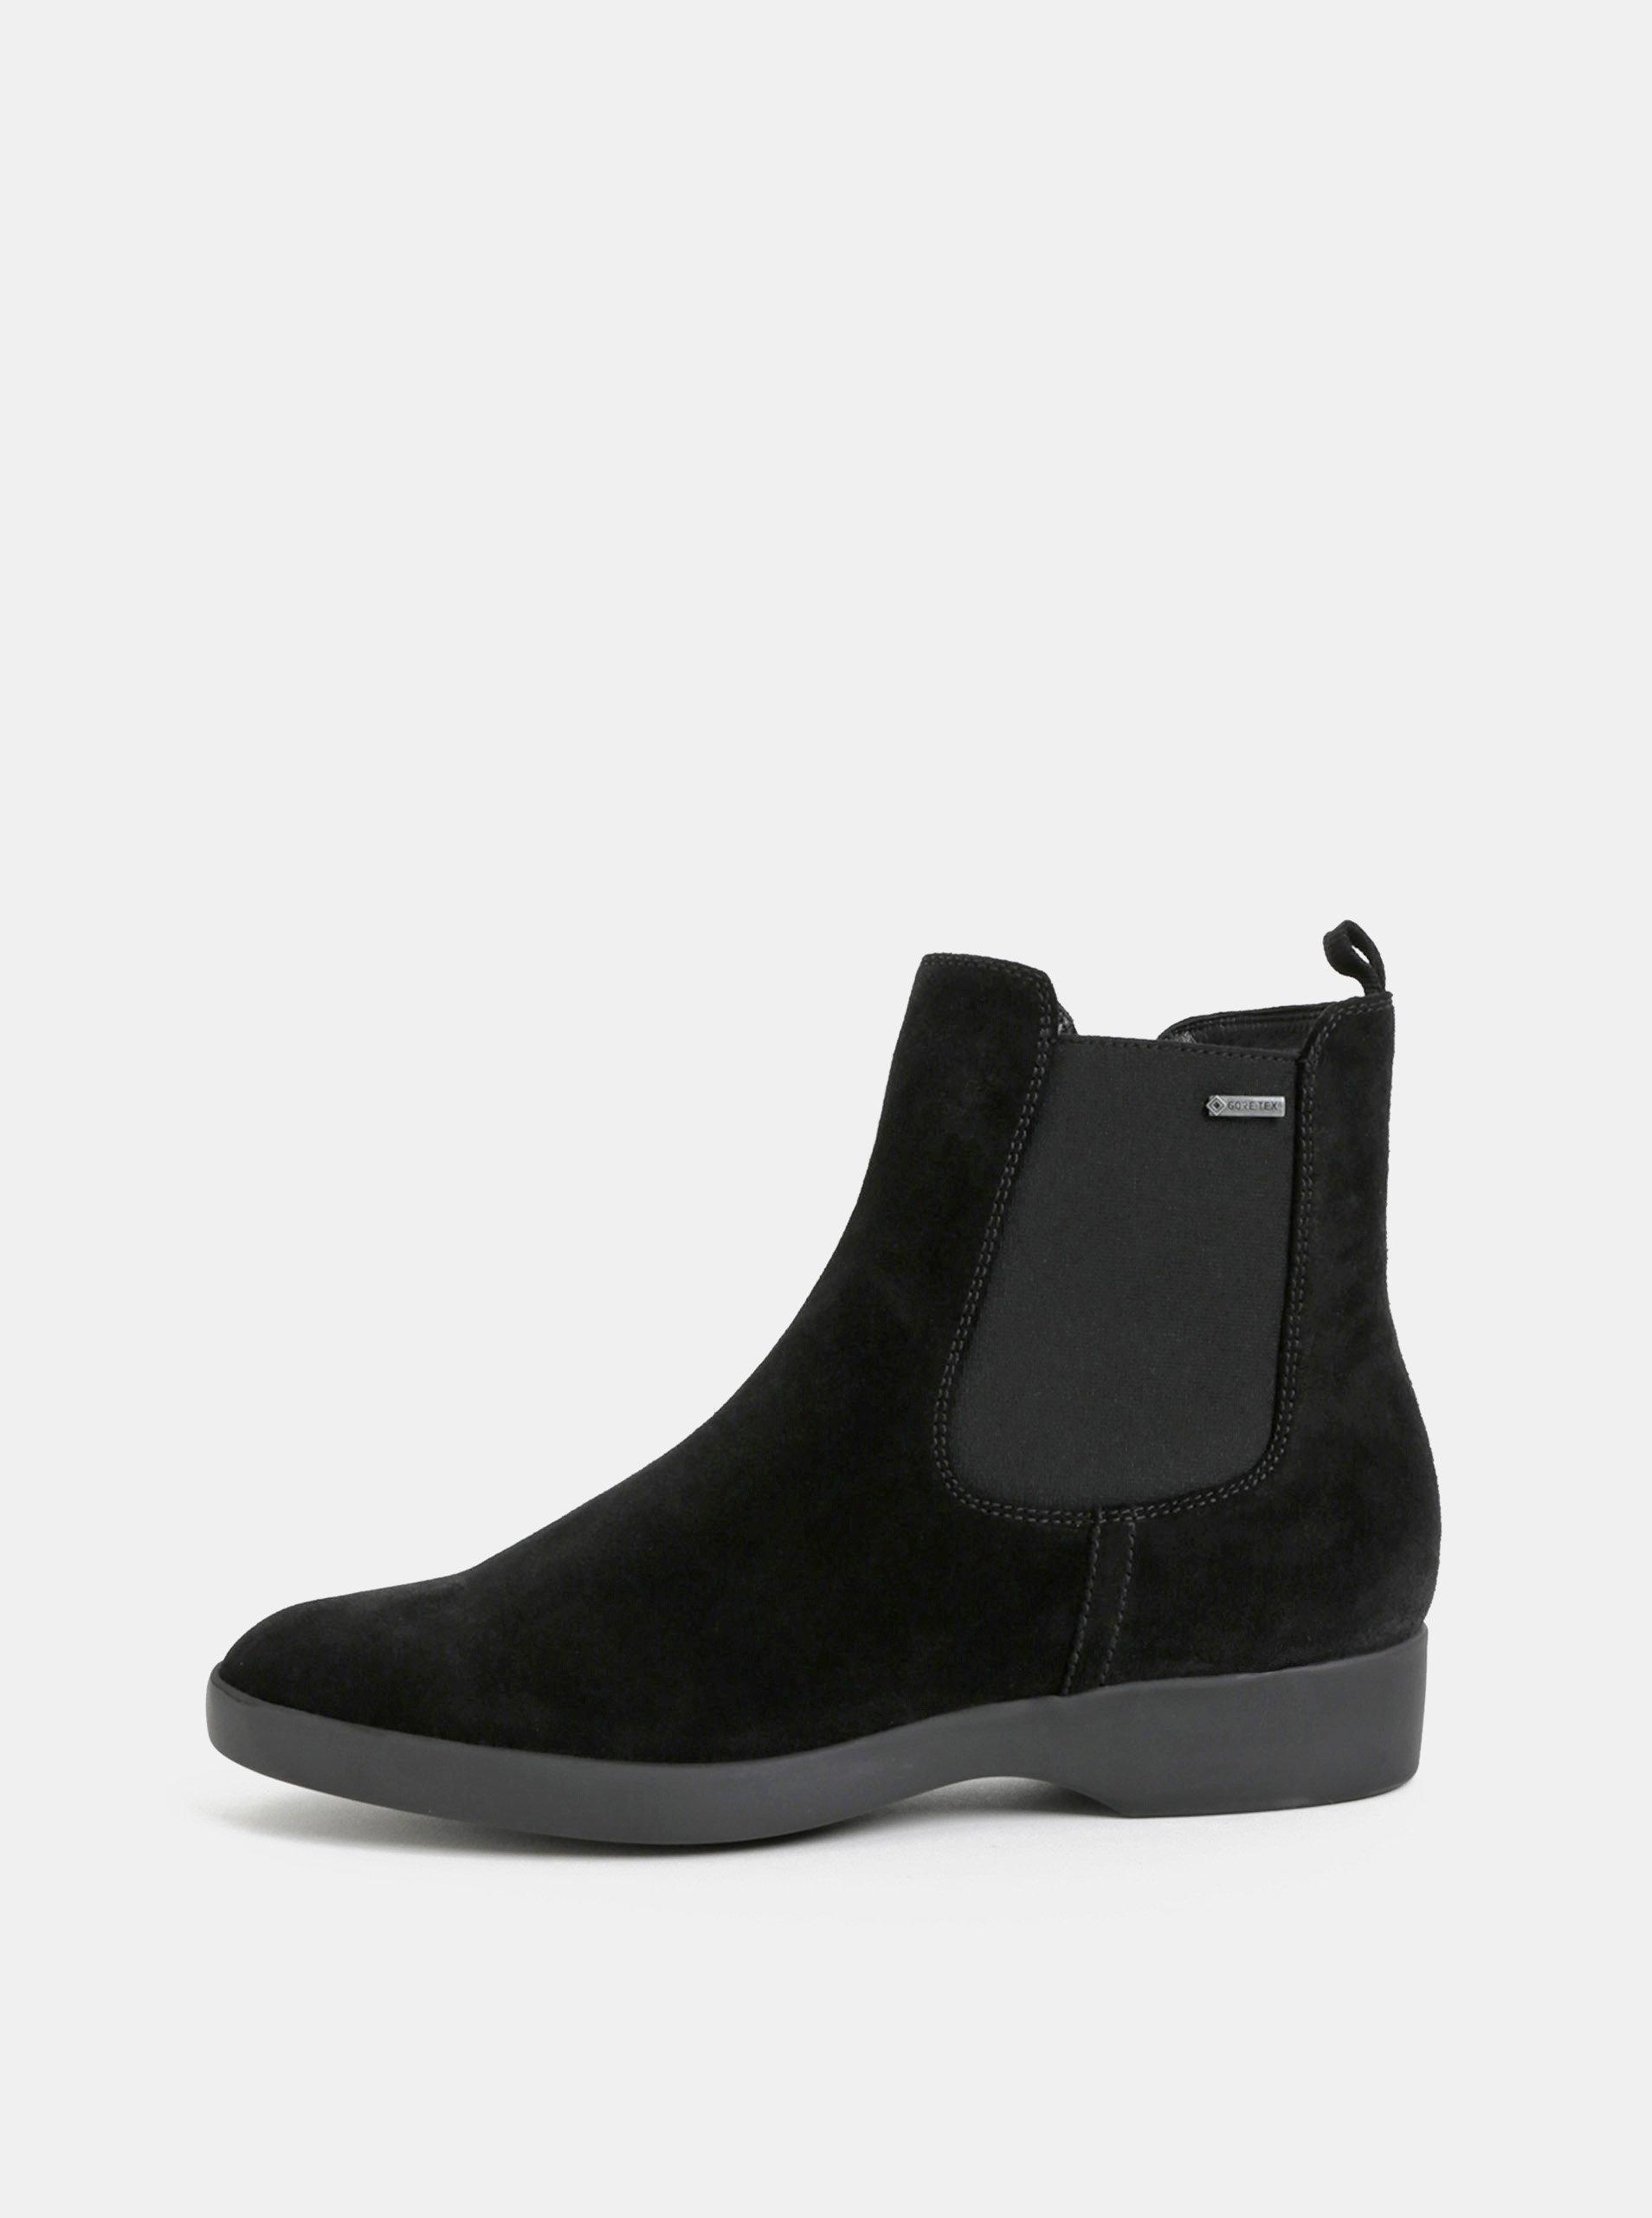 9c0090b3798 Černé semišové chelsea boty Högl ...